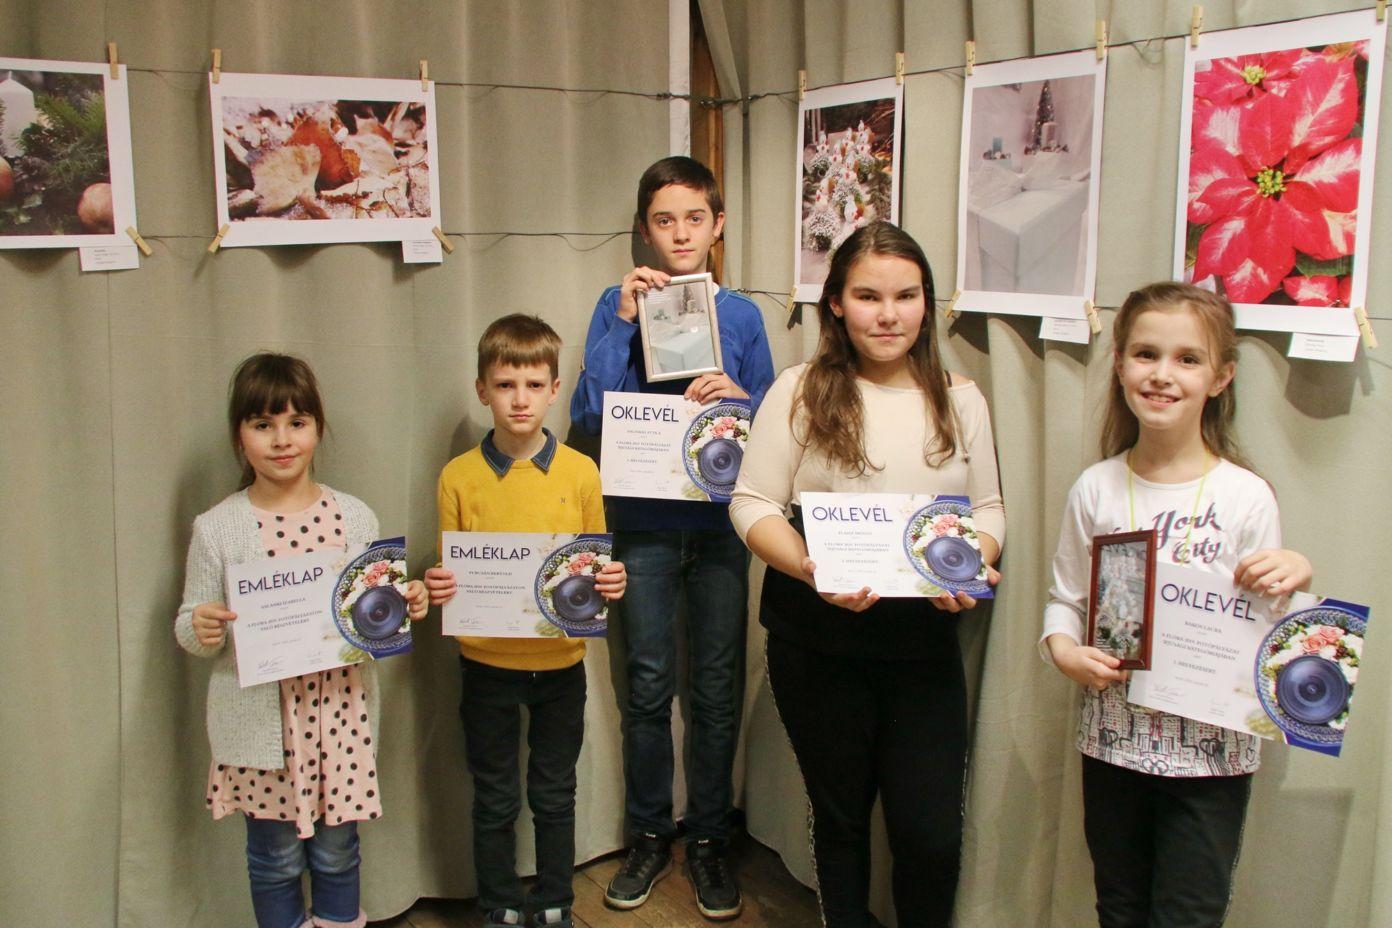 FLORA fotópályázat díjátadó és kiállításmegnyitó a magyar kultúra napján